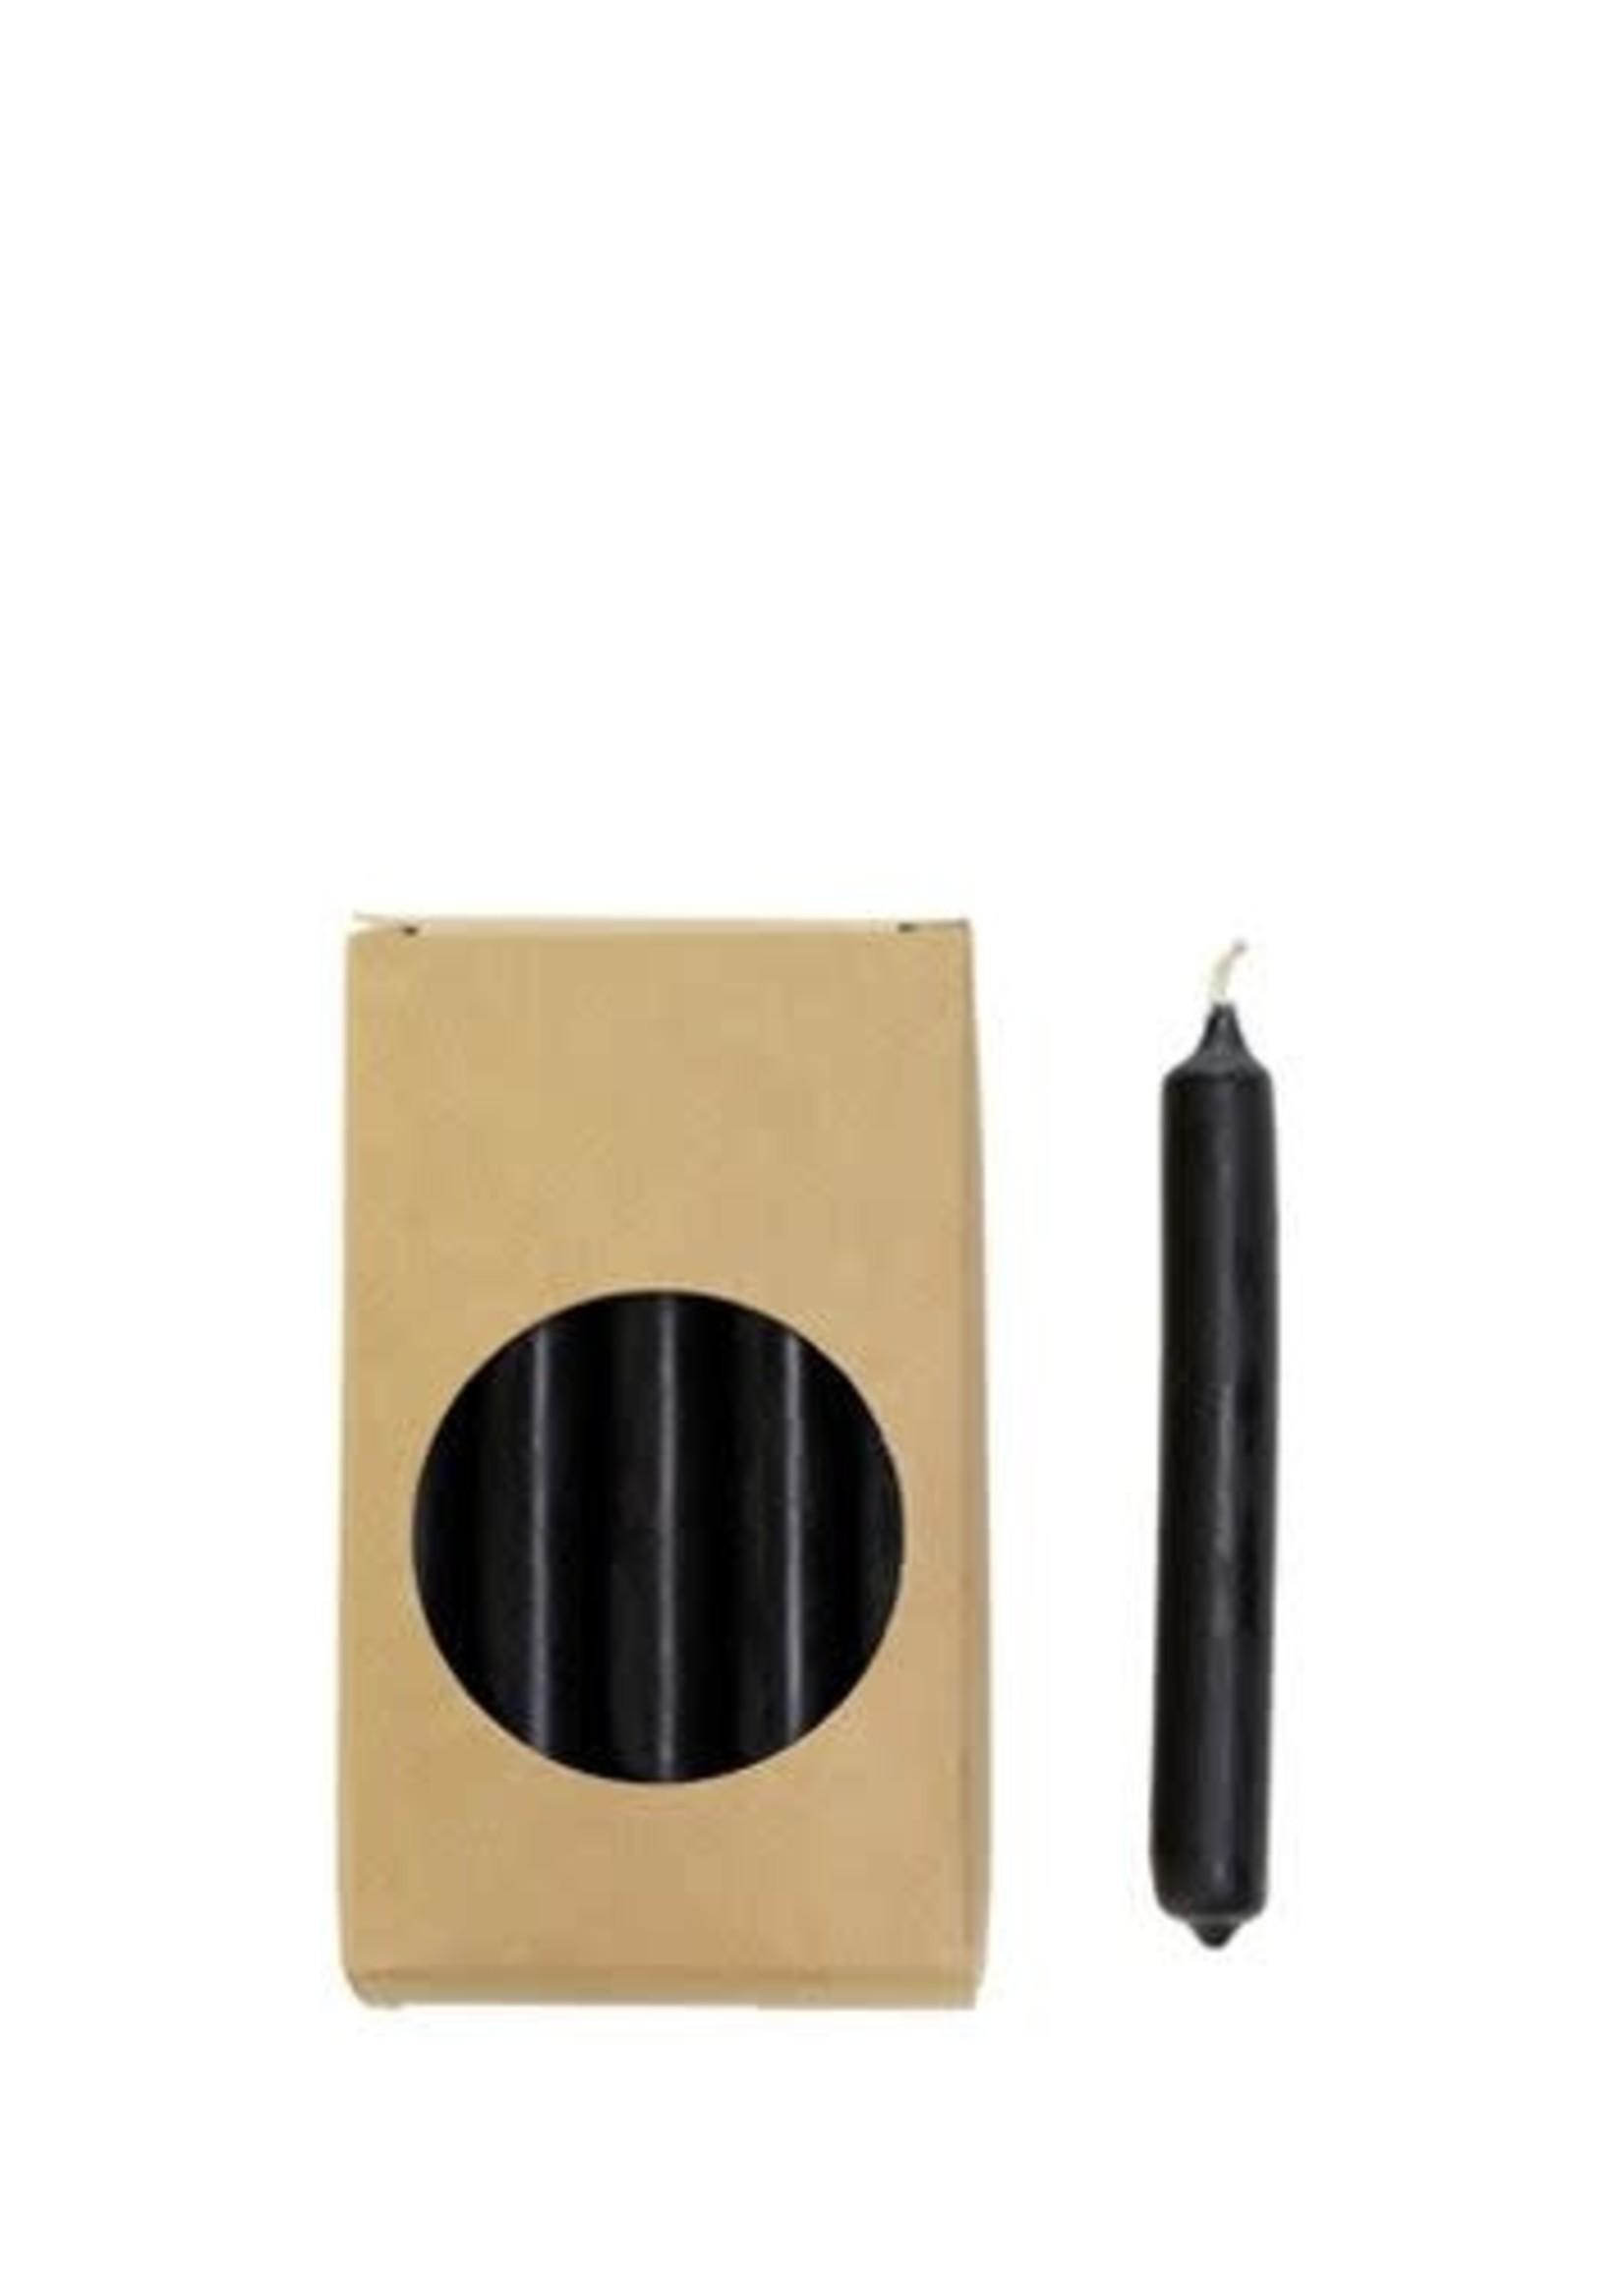 Rustik Rustik - potloodkaarsje -Zwart-1,2x10 cm